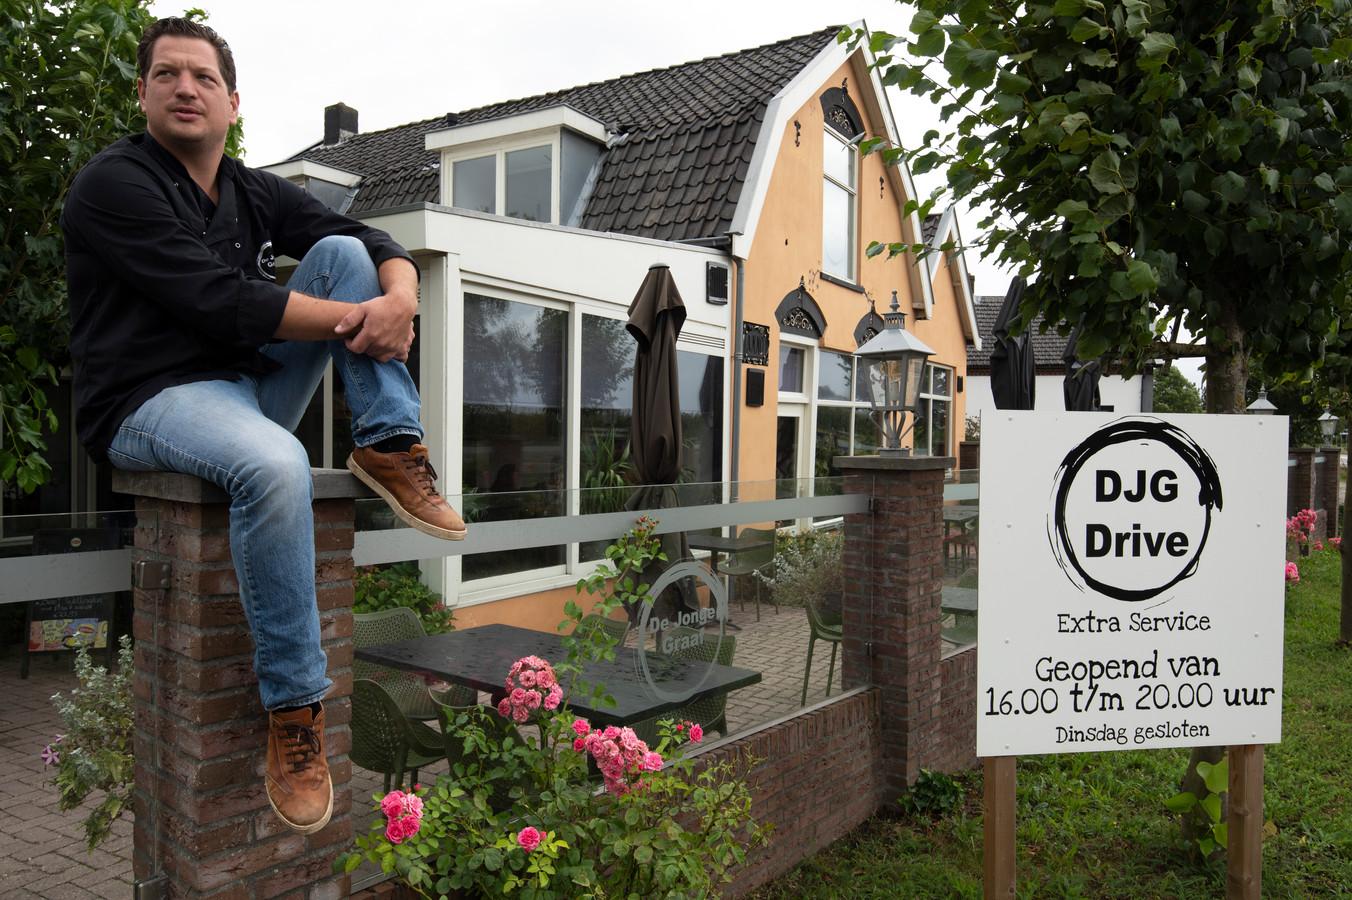 Patrick Terschegget bij een van de gewraakte borden die voorbijgangers attenderen op zijn afhaal- en bezorgservice.